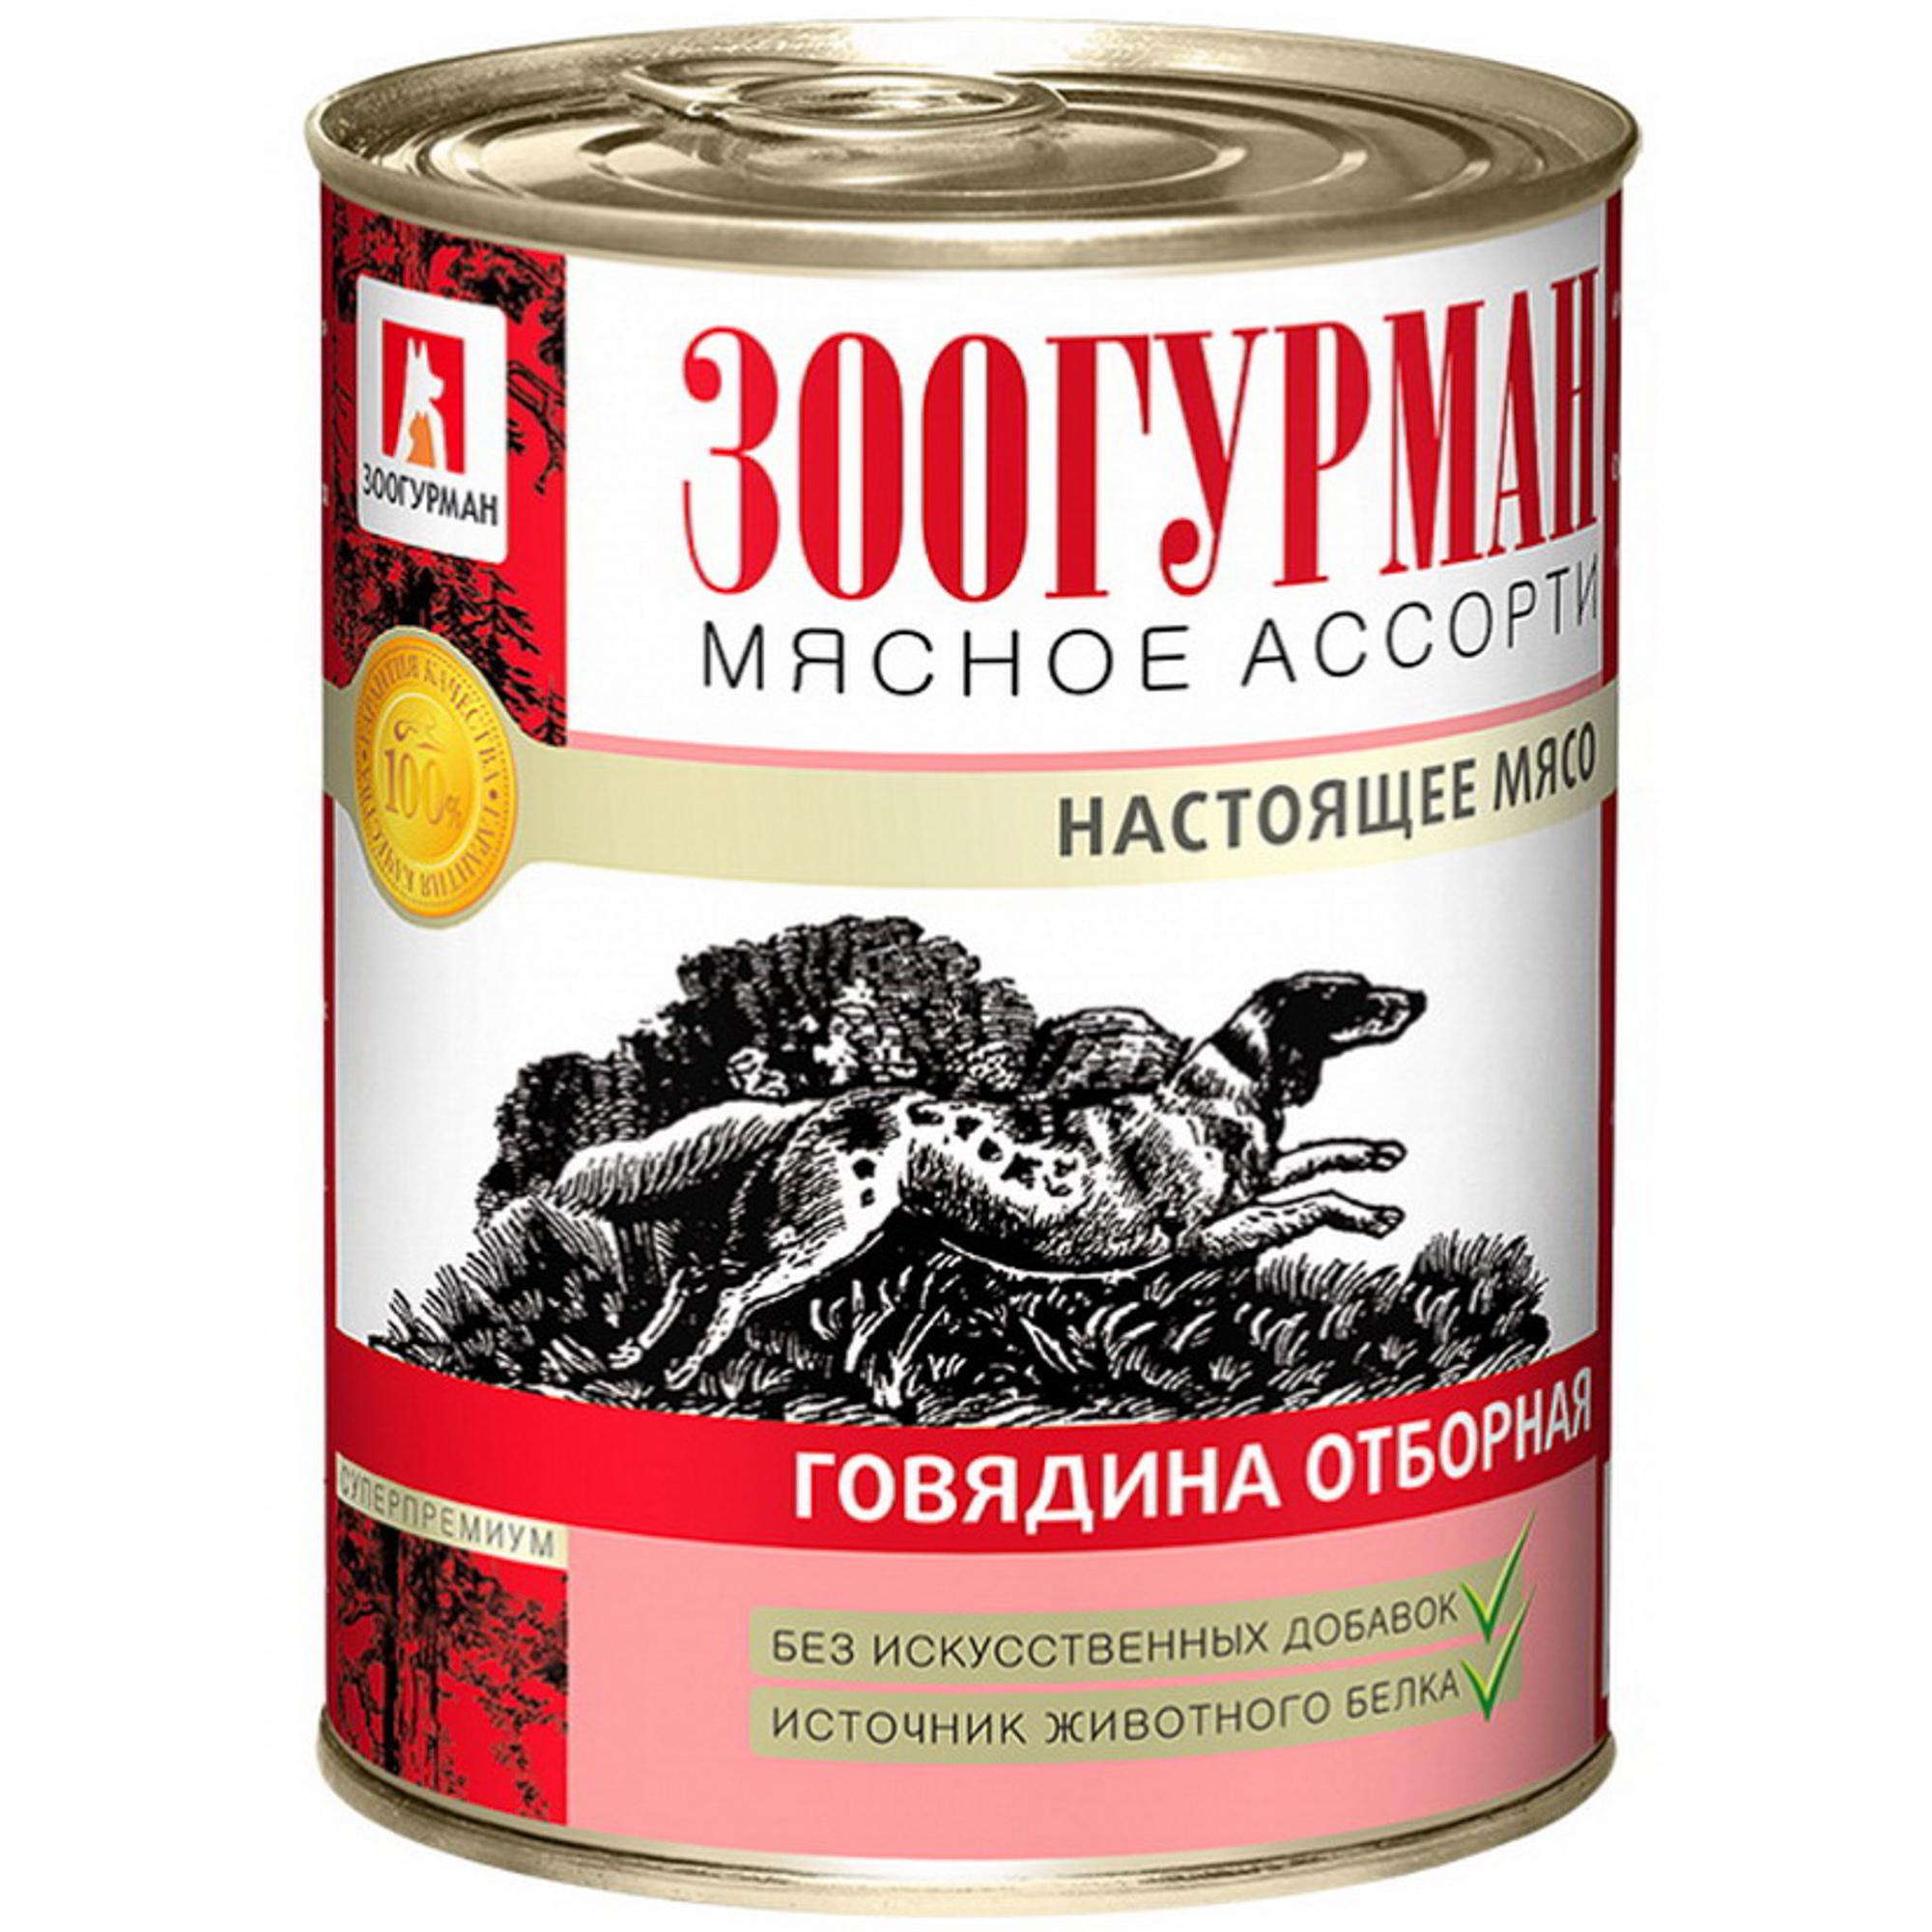 Корм для собак ЗООГУРМАН Мясное ассорти говядина отборная 750 г.